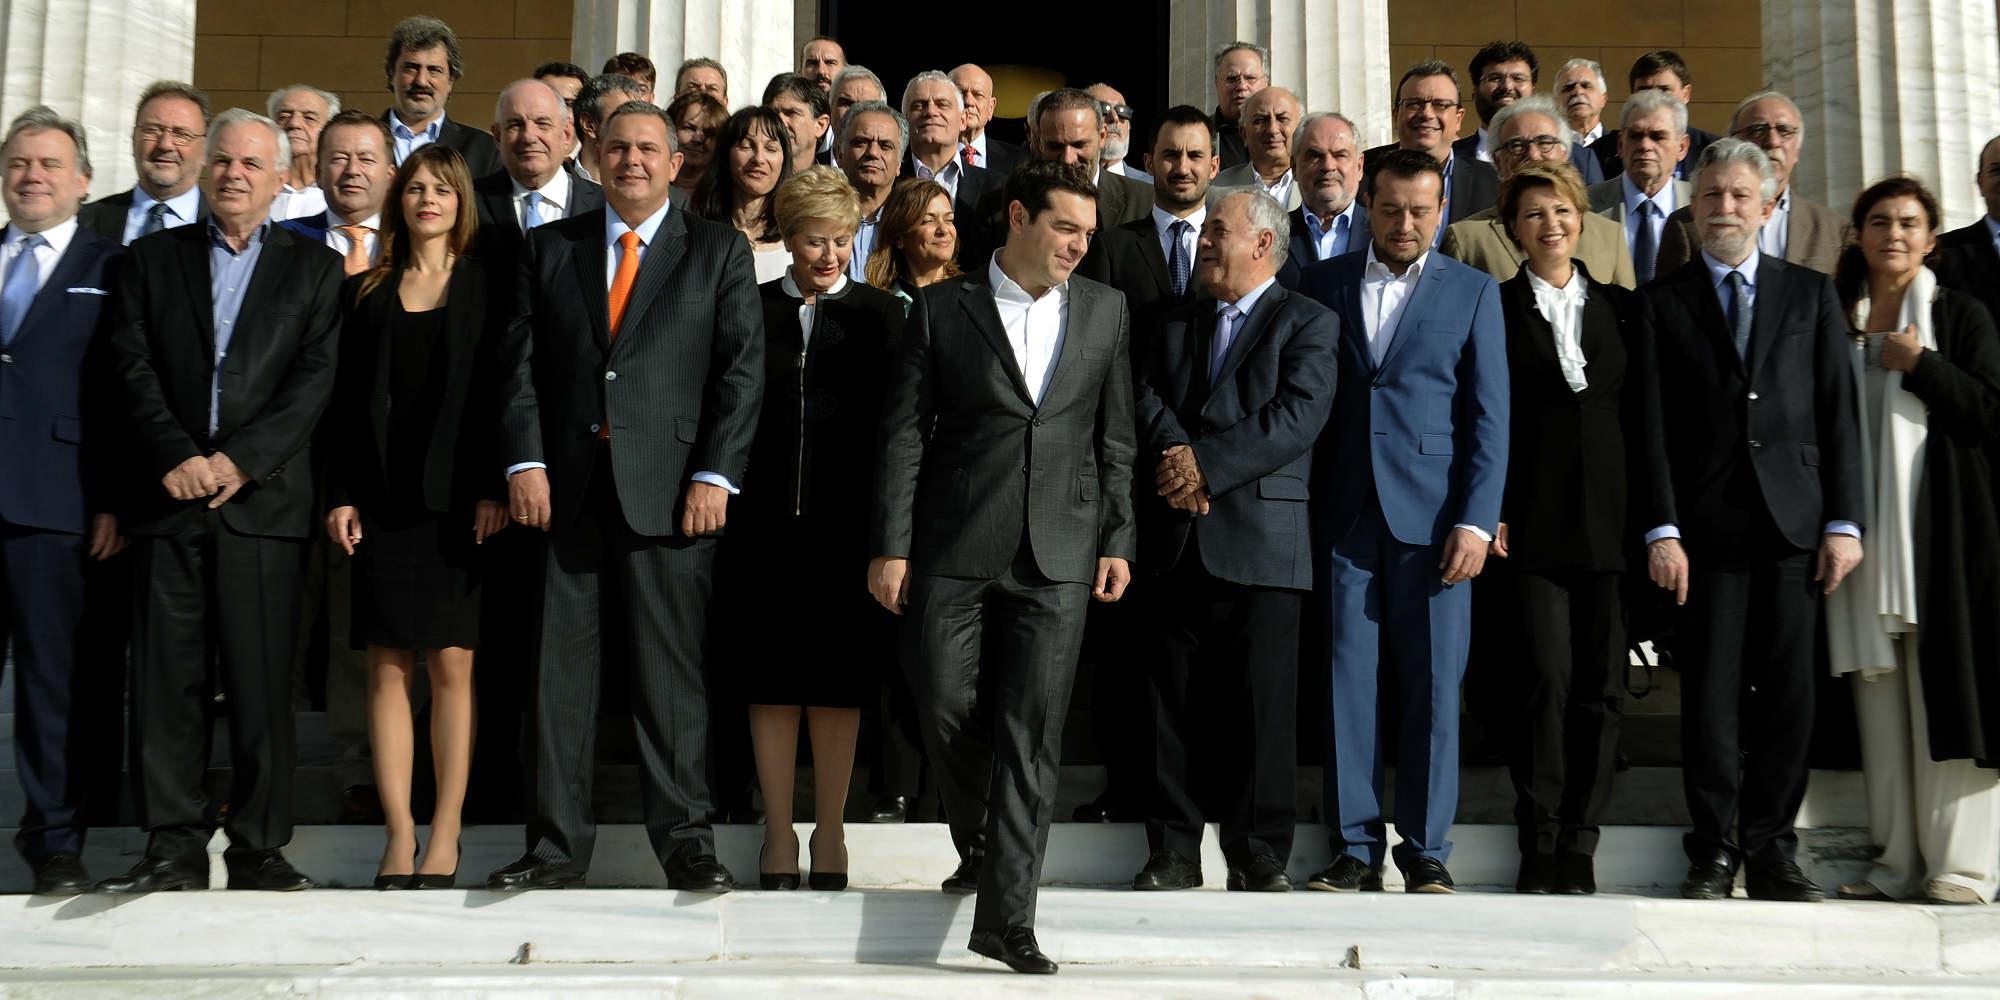 Σχέδιο άλωσης ΚΙΝ.ΑΛ. για αποφυγή συντριβής από ΣΥΡΙΖΑ